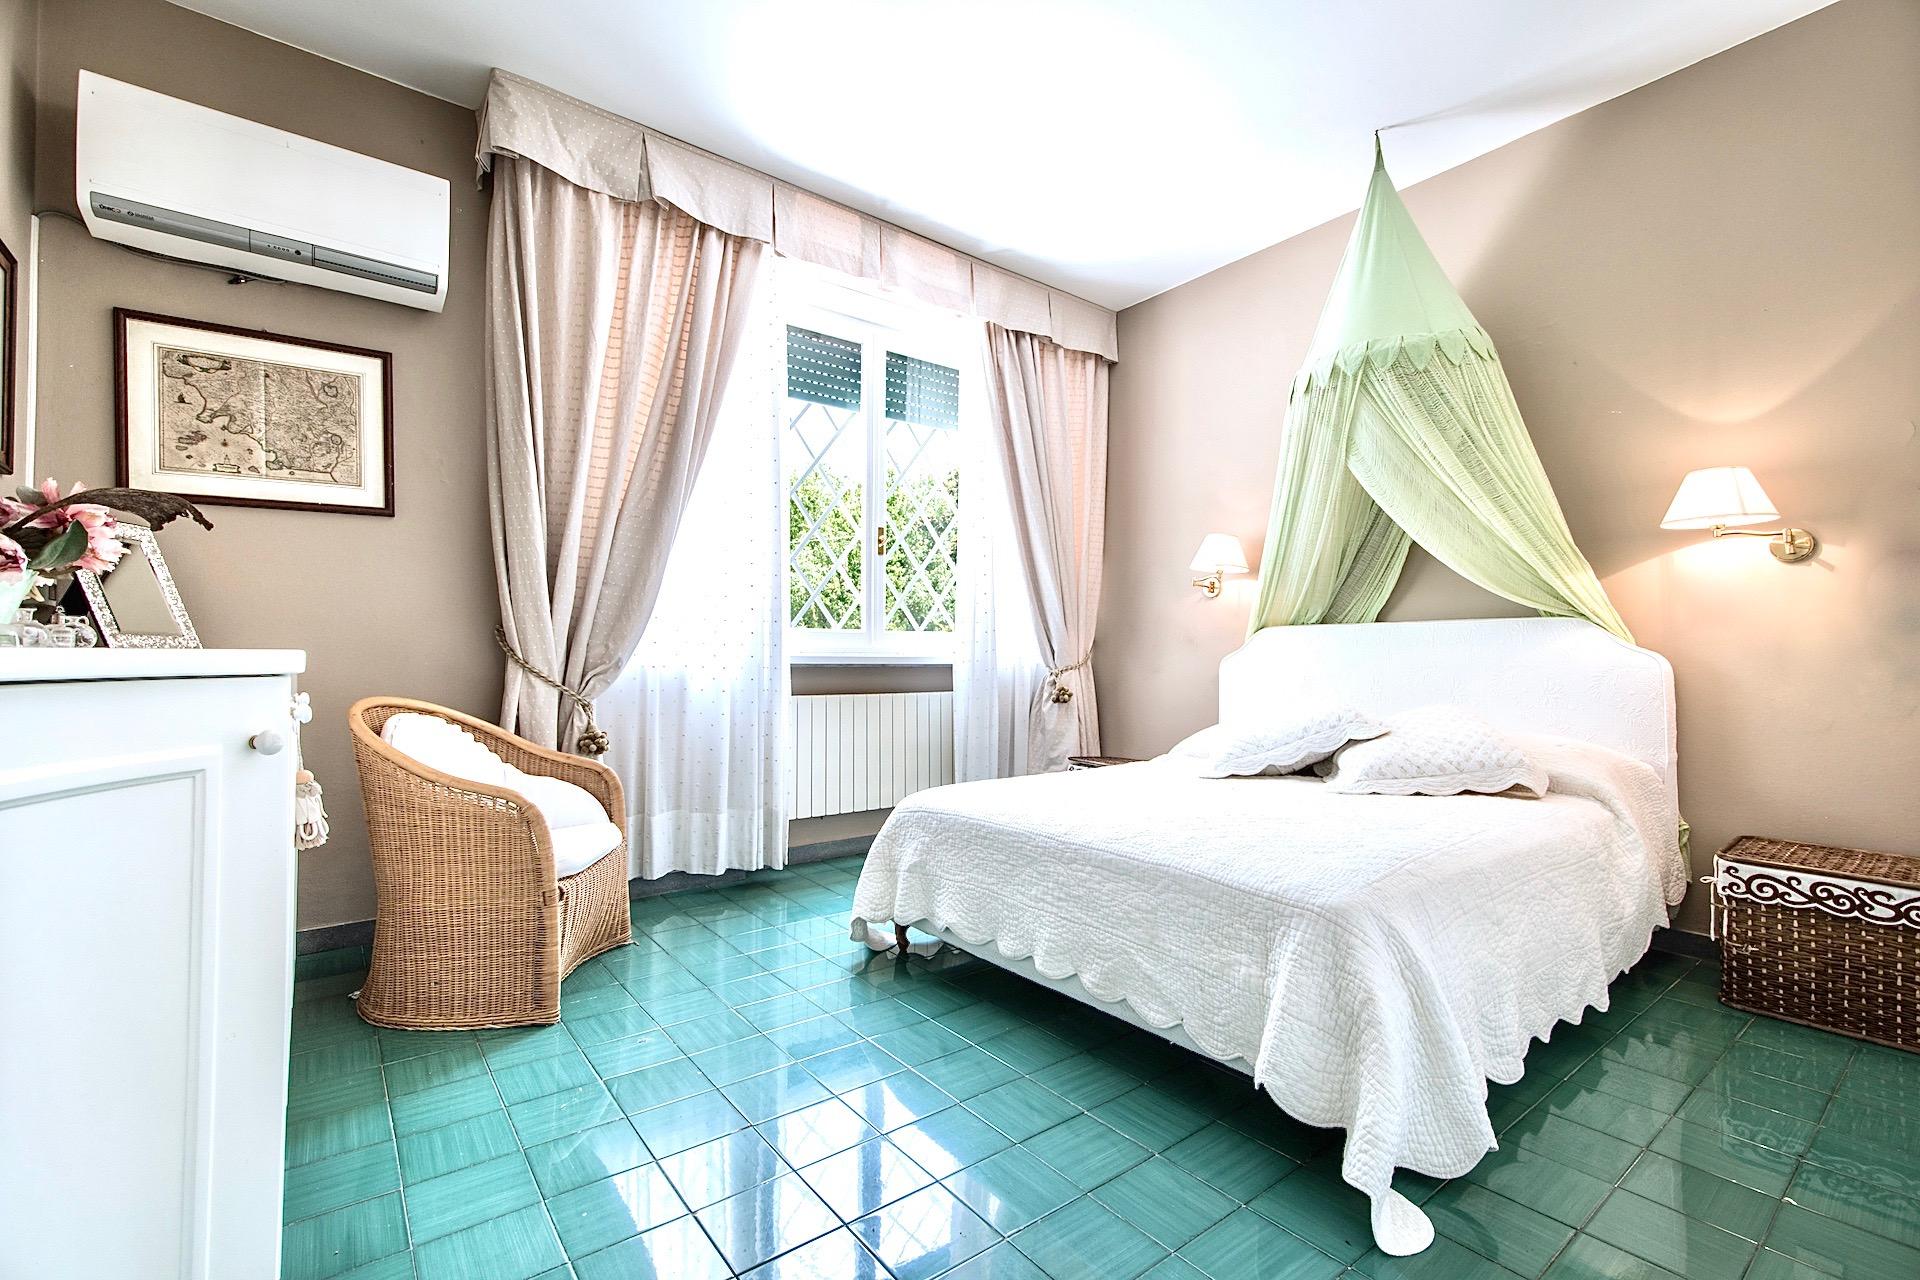 Bedroom06 01